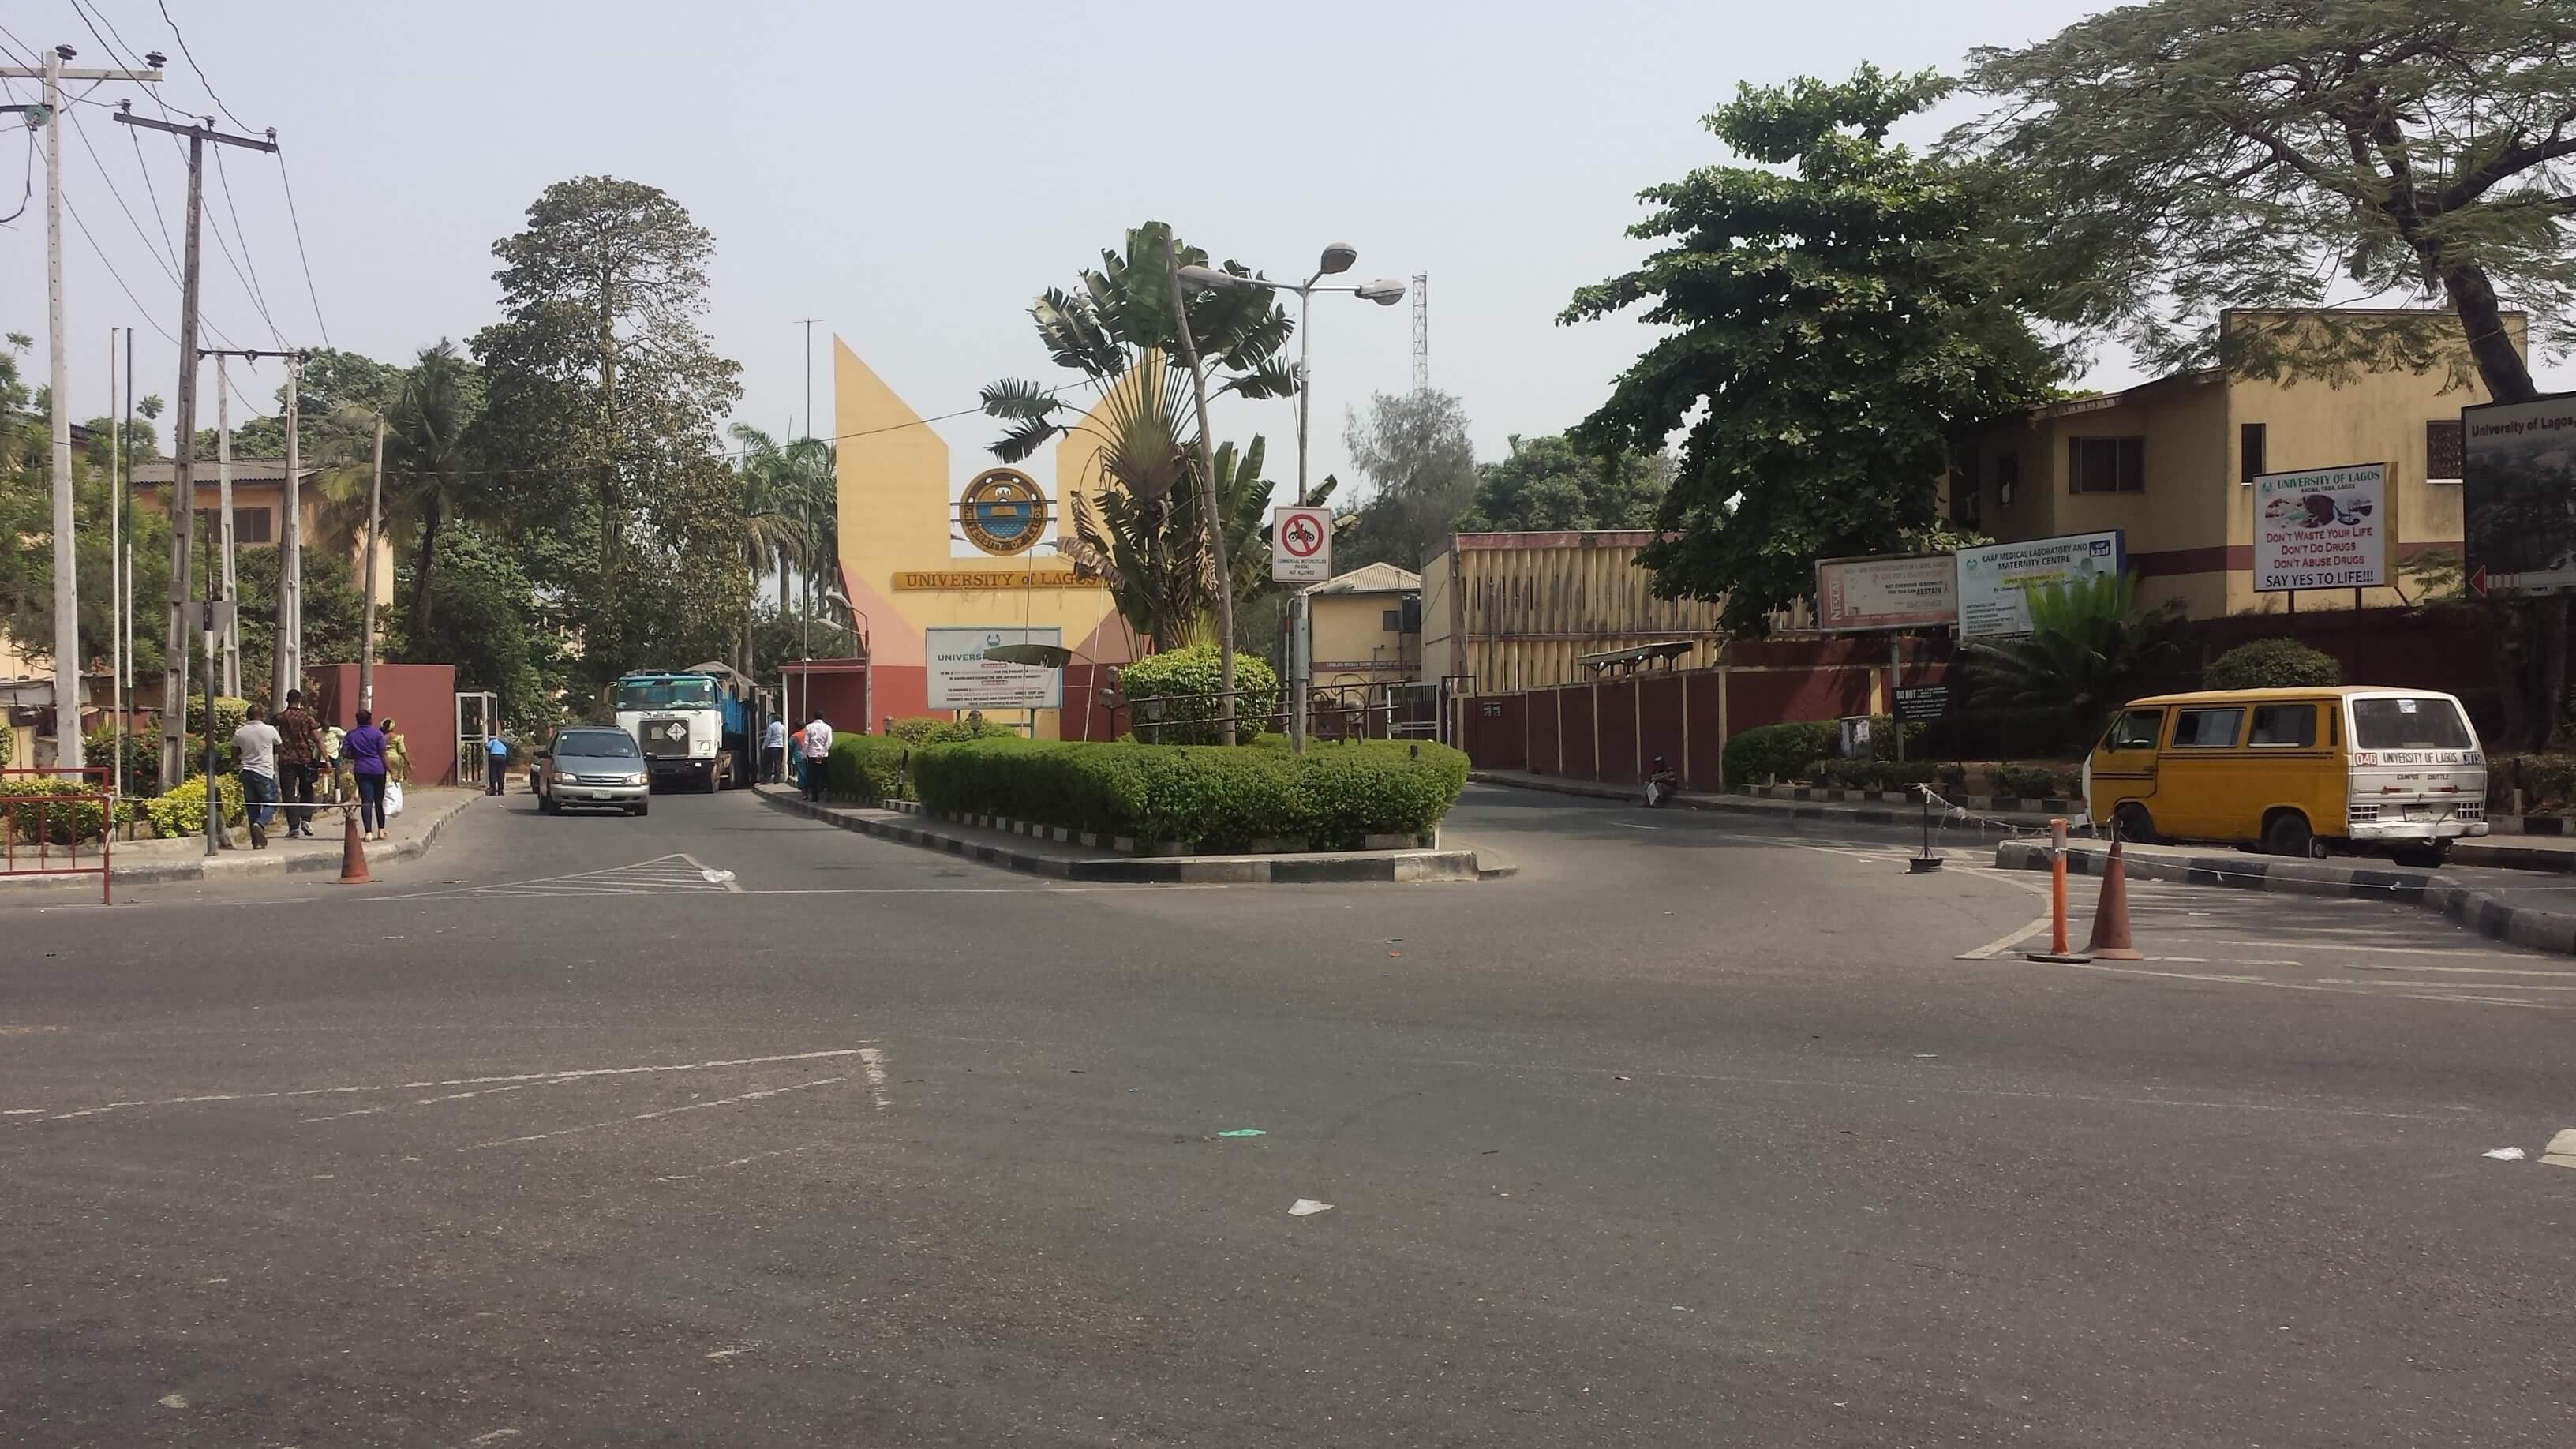 Strasse am Eingang zur Uni in Nigeria